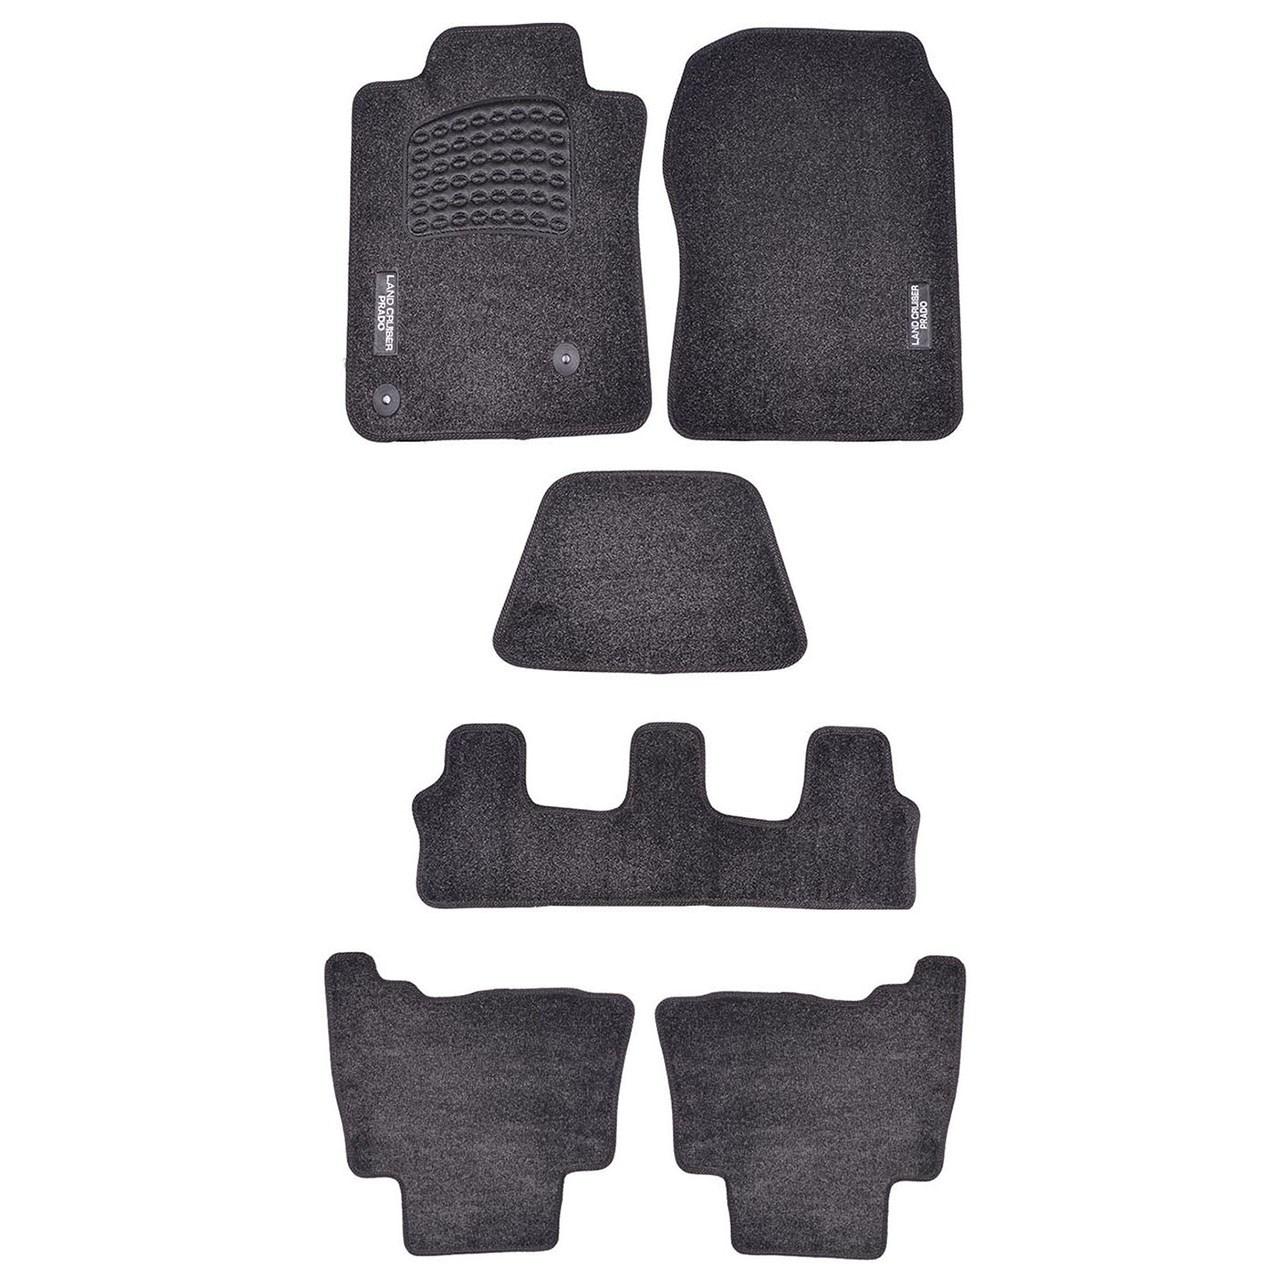 کفپوش موکتی خودرو بابل مناسب برای پرادو 2012